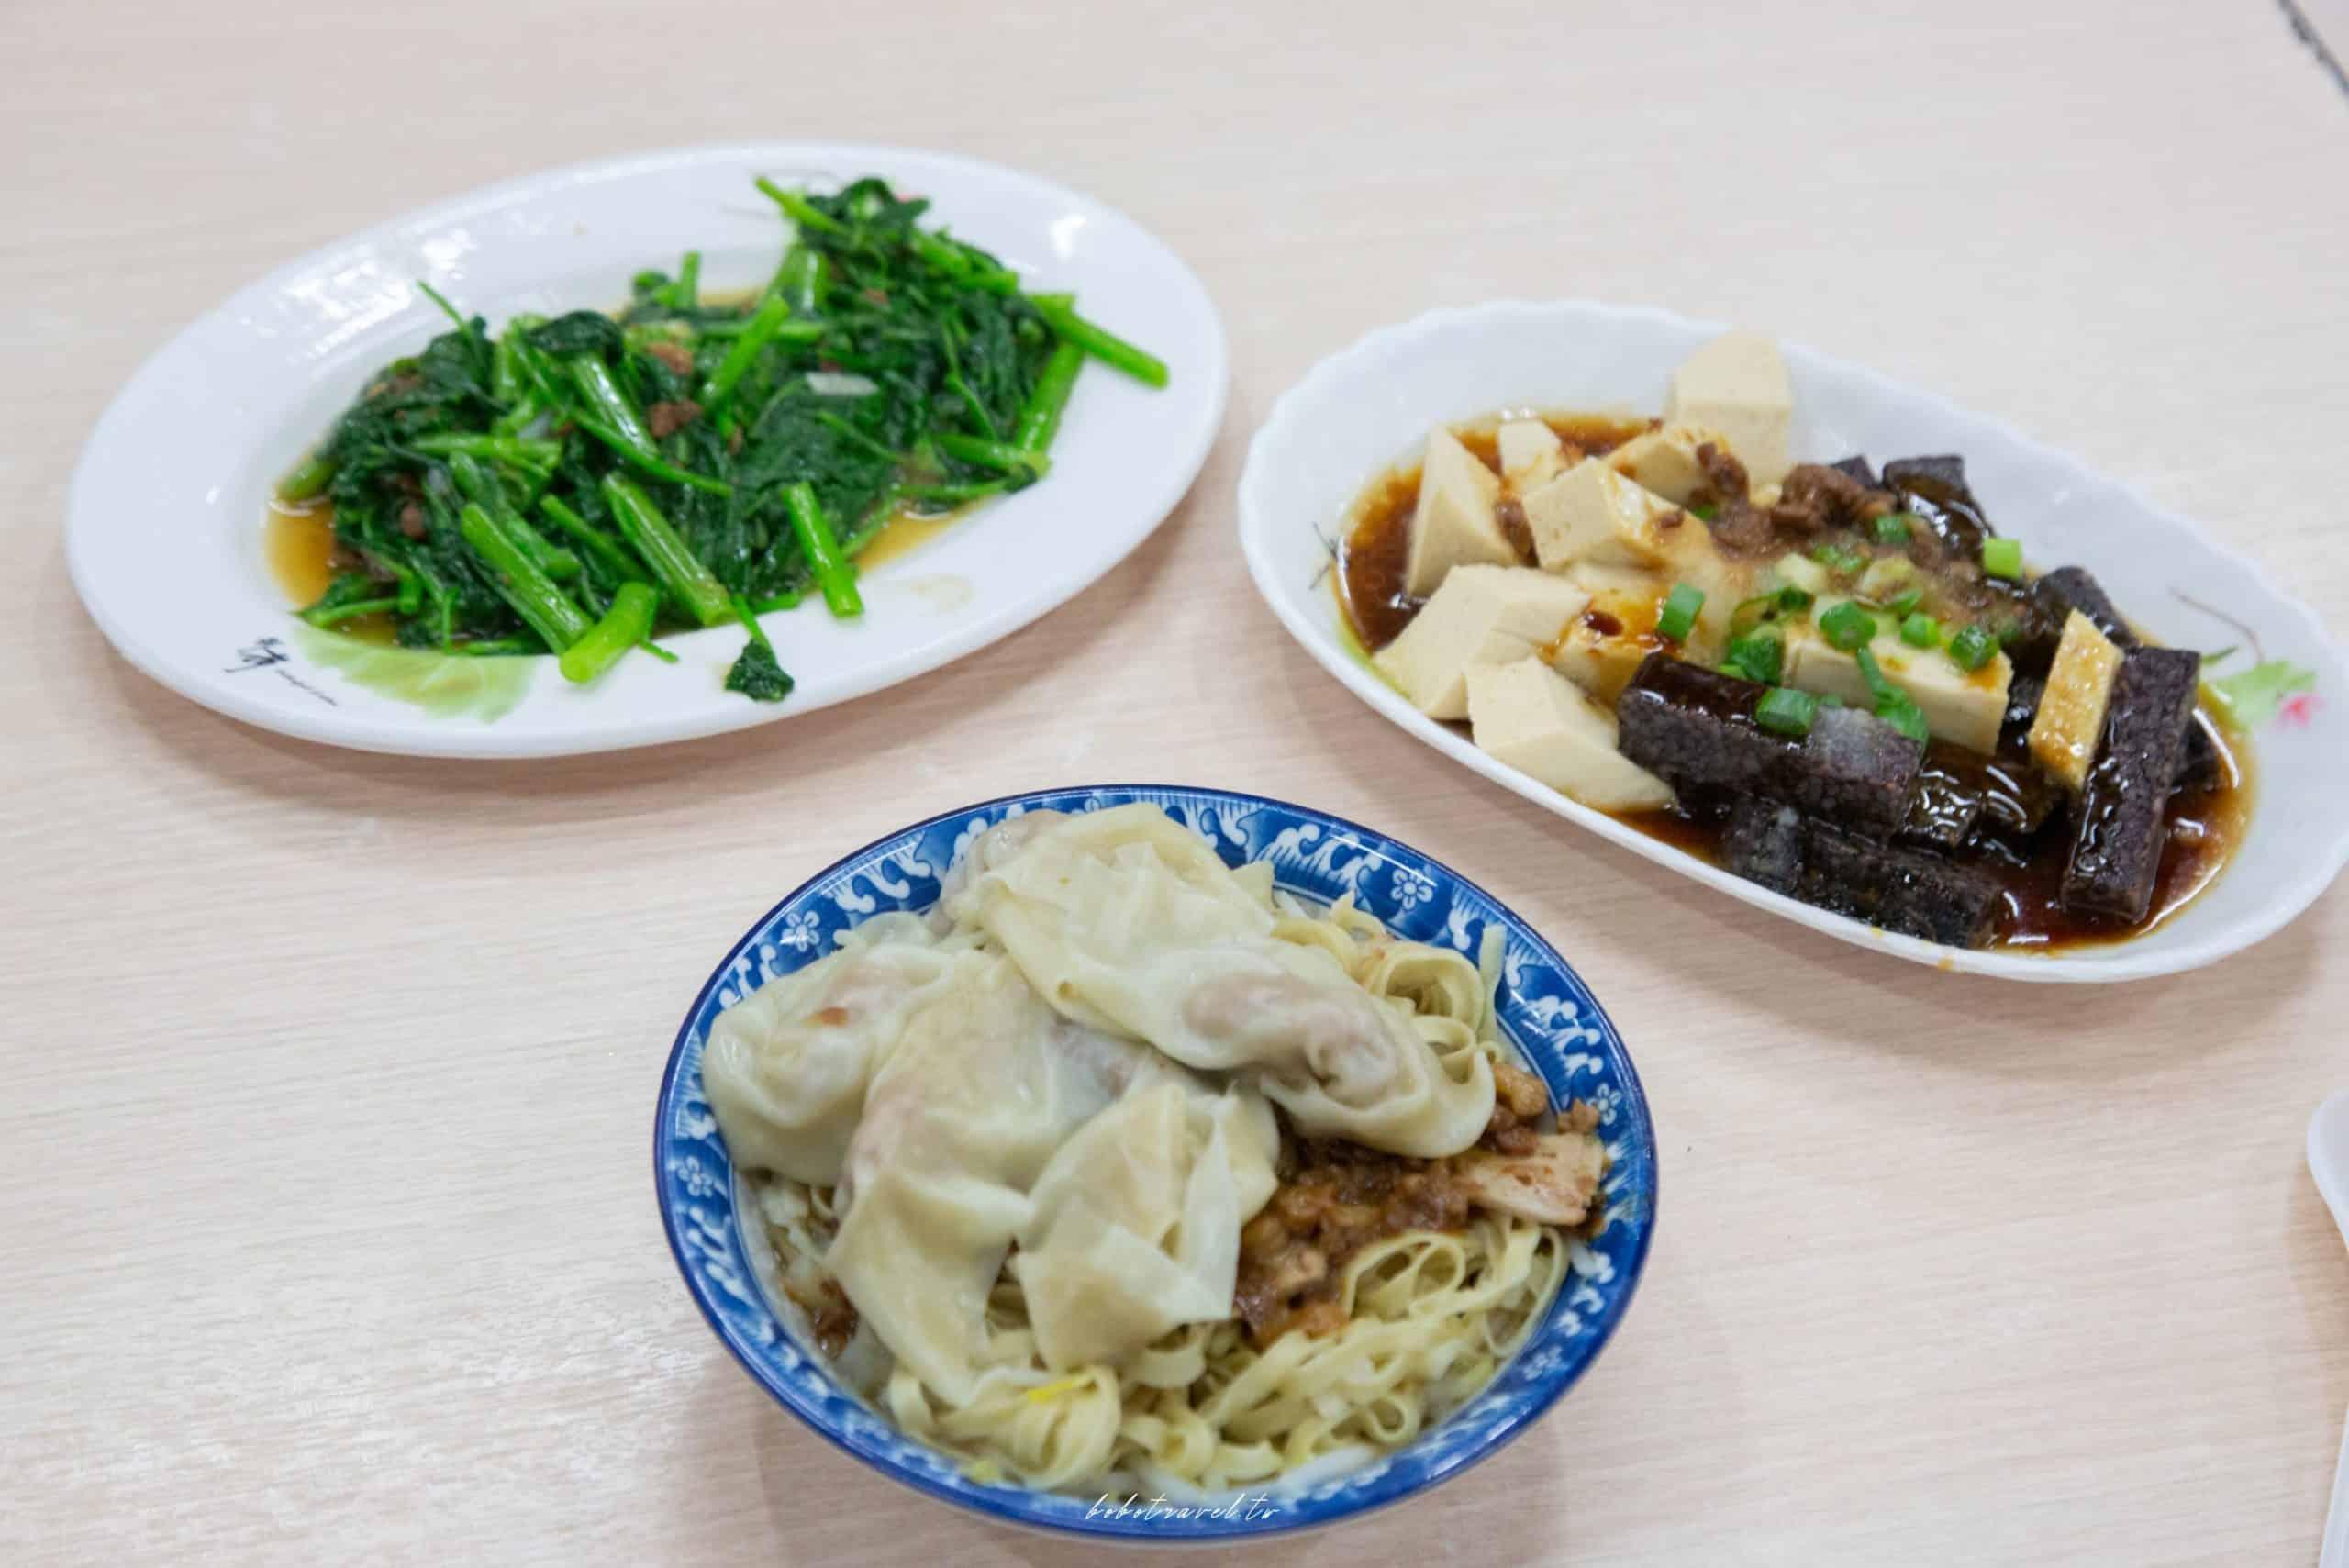 台南鹽水美食、鹽水真好味意麵|鹽水觀光美食城內隱藏版美食,來台南就是要吃這一味!